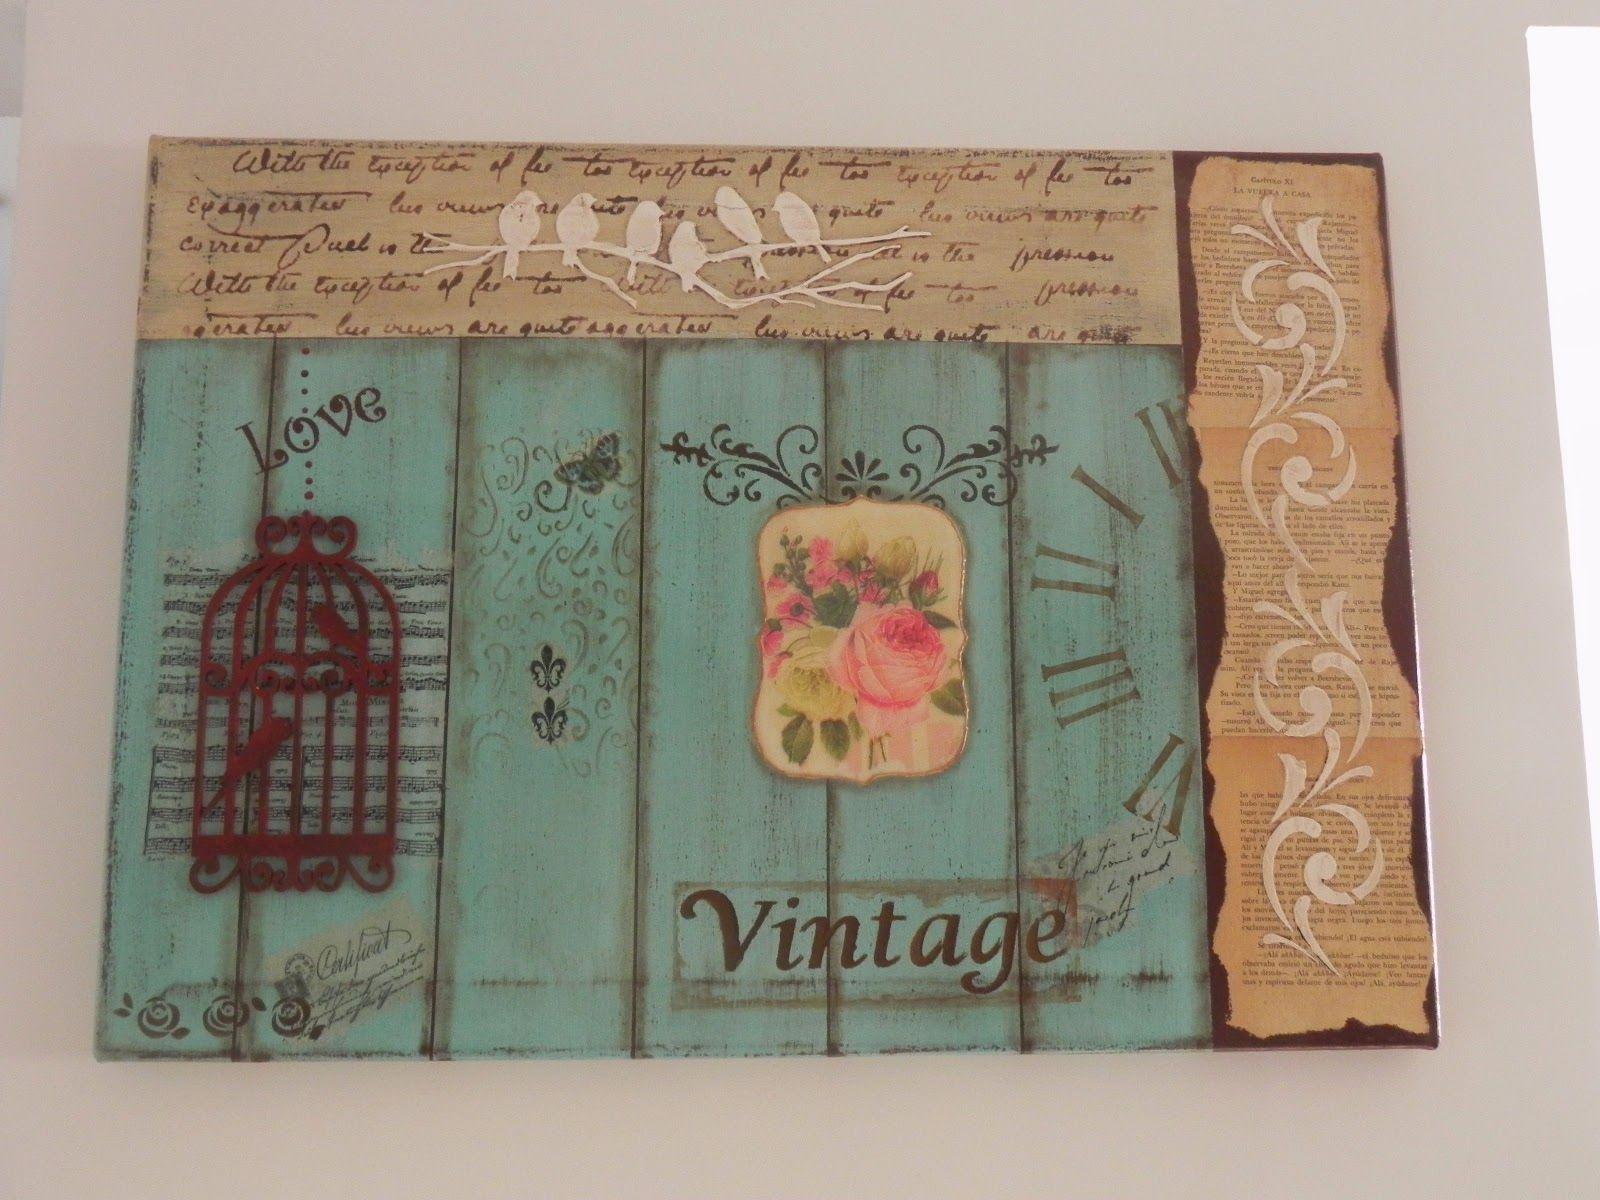 Gabriela albo regalos artesanales proyectos que debo - Cuadros cocina vintage ...